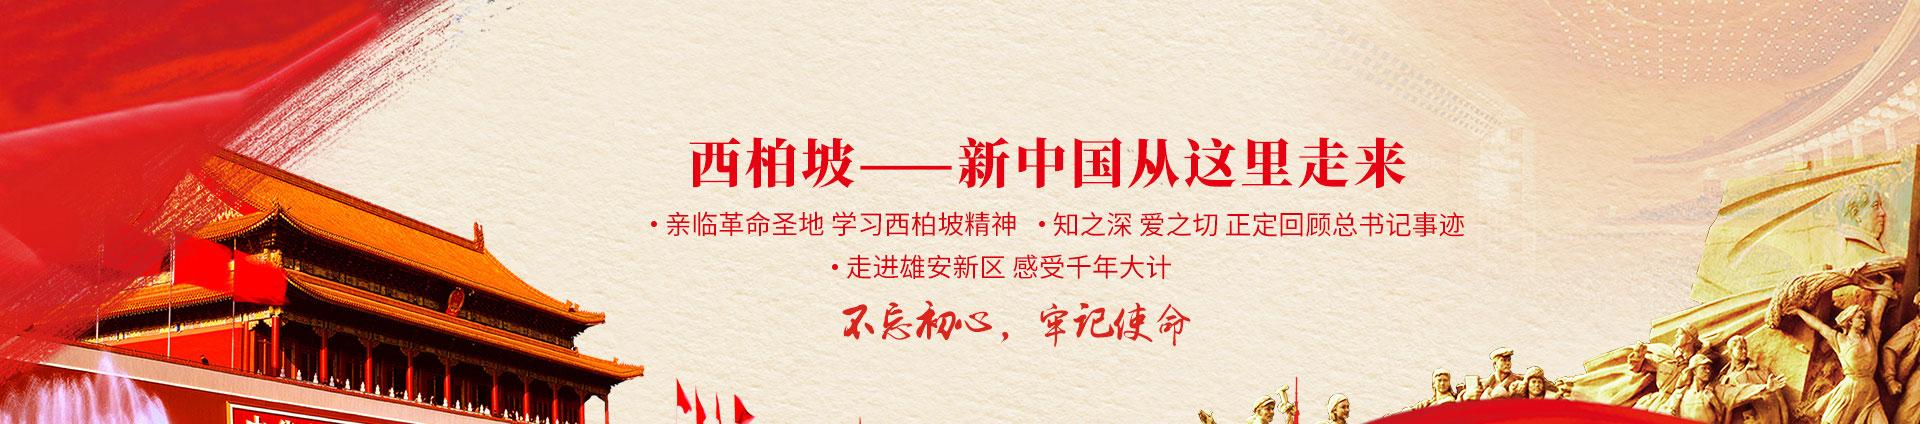 西柏坡红色教育基地党性教育培训